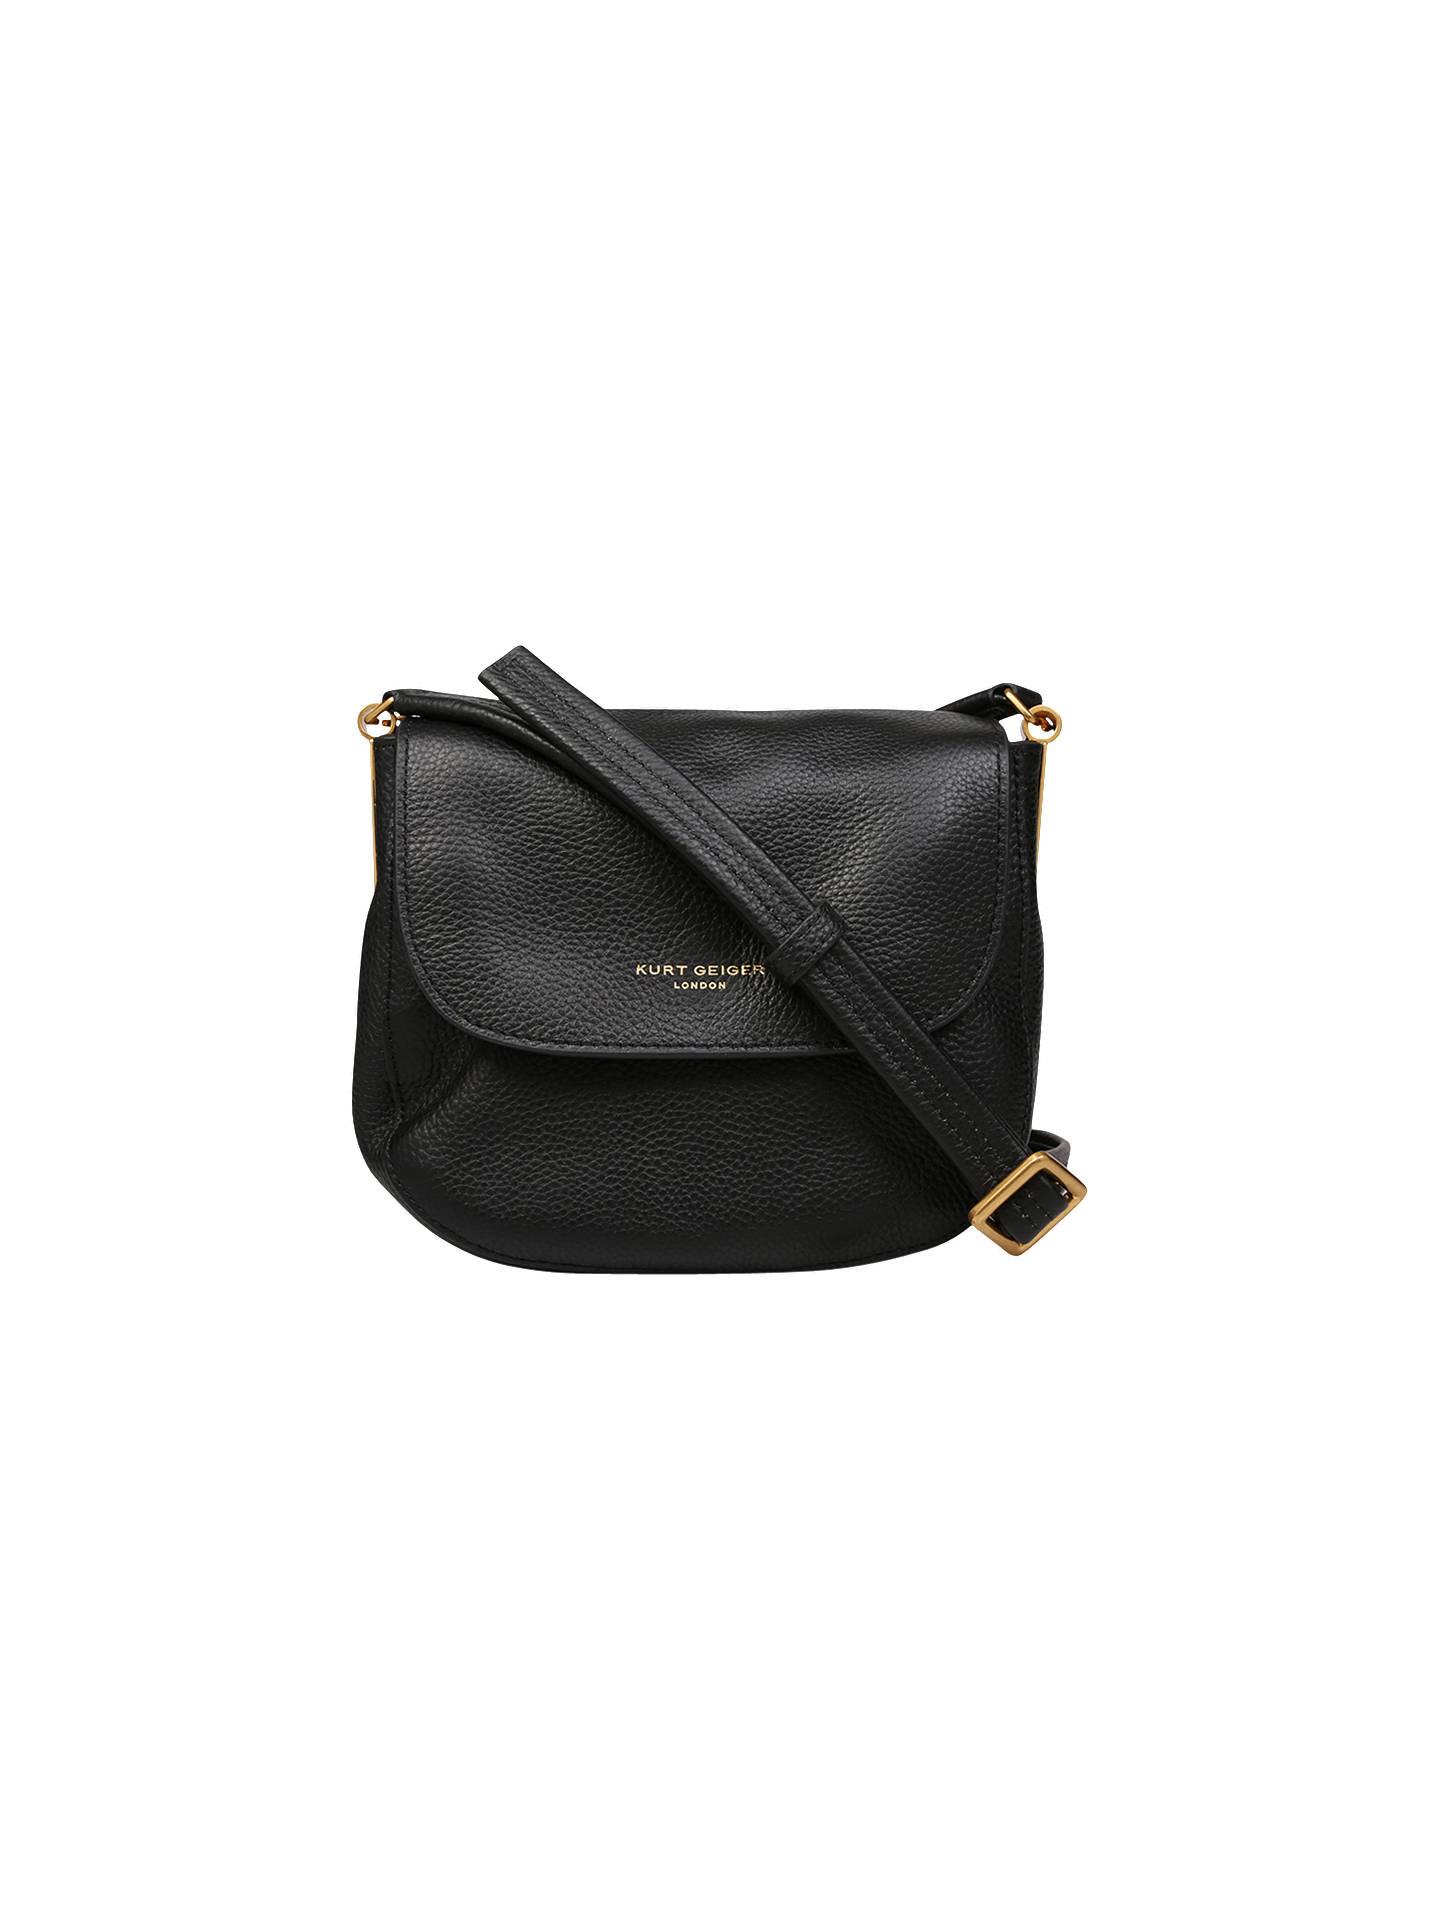 cfe6e6a97a1f BuyKurt Geiger Small Emma Saddle Handbag